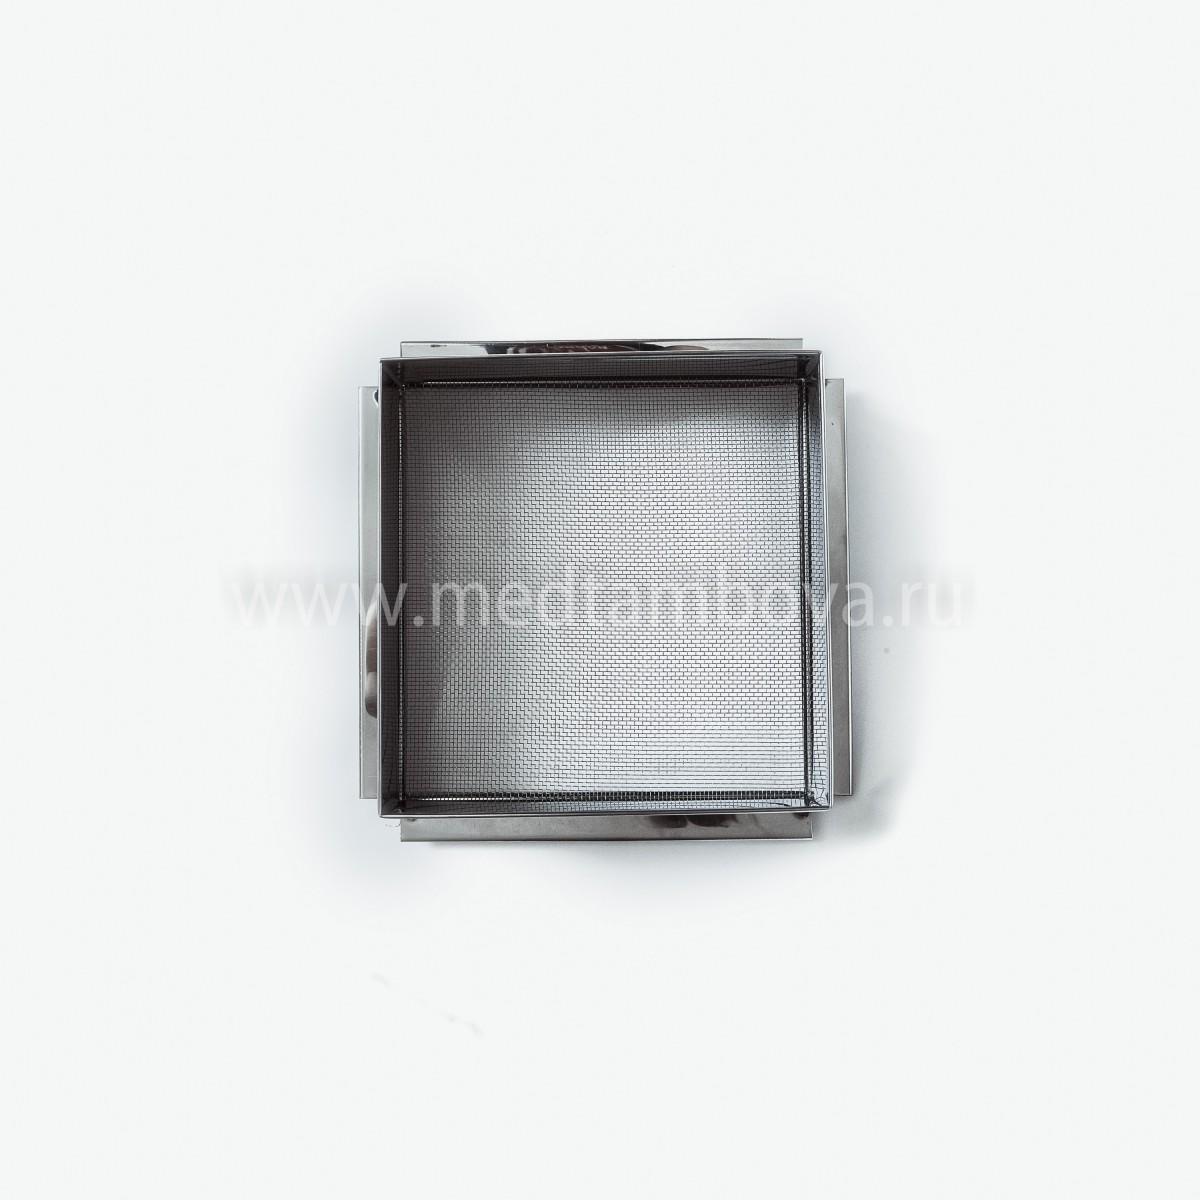 Сито фильтр на кубитейнер из нержавеющей стали